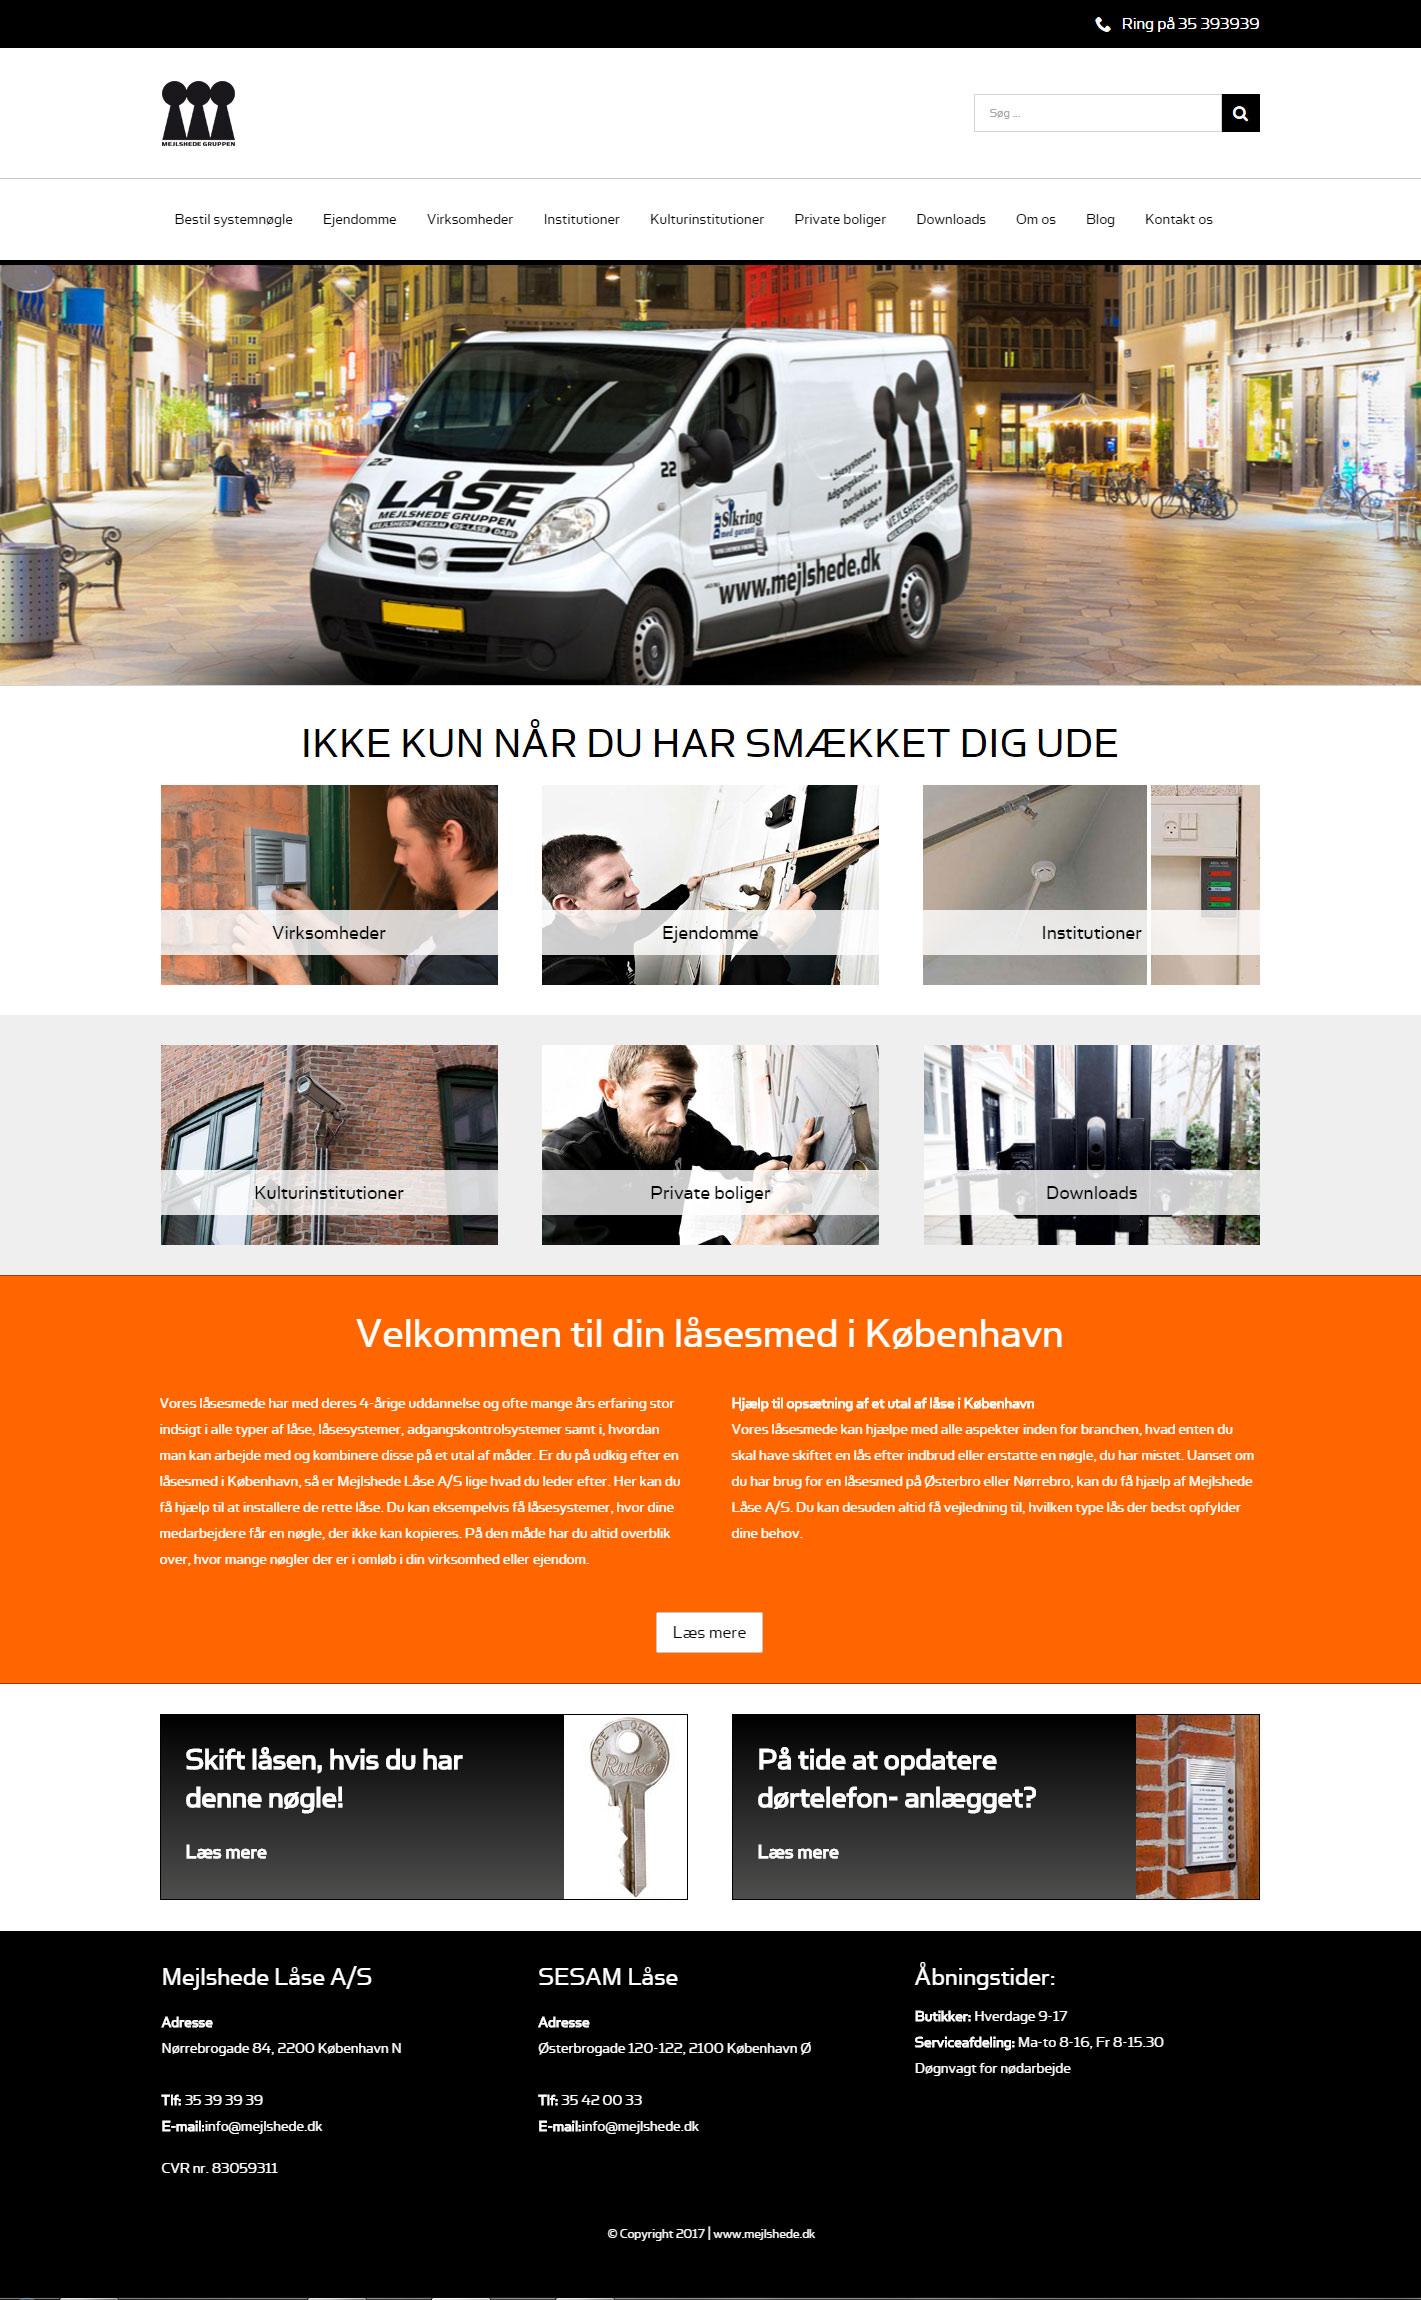 wordpress website til mejlshede.dk